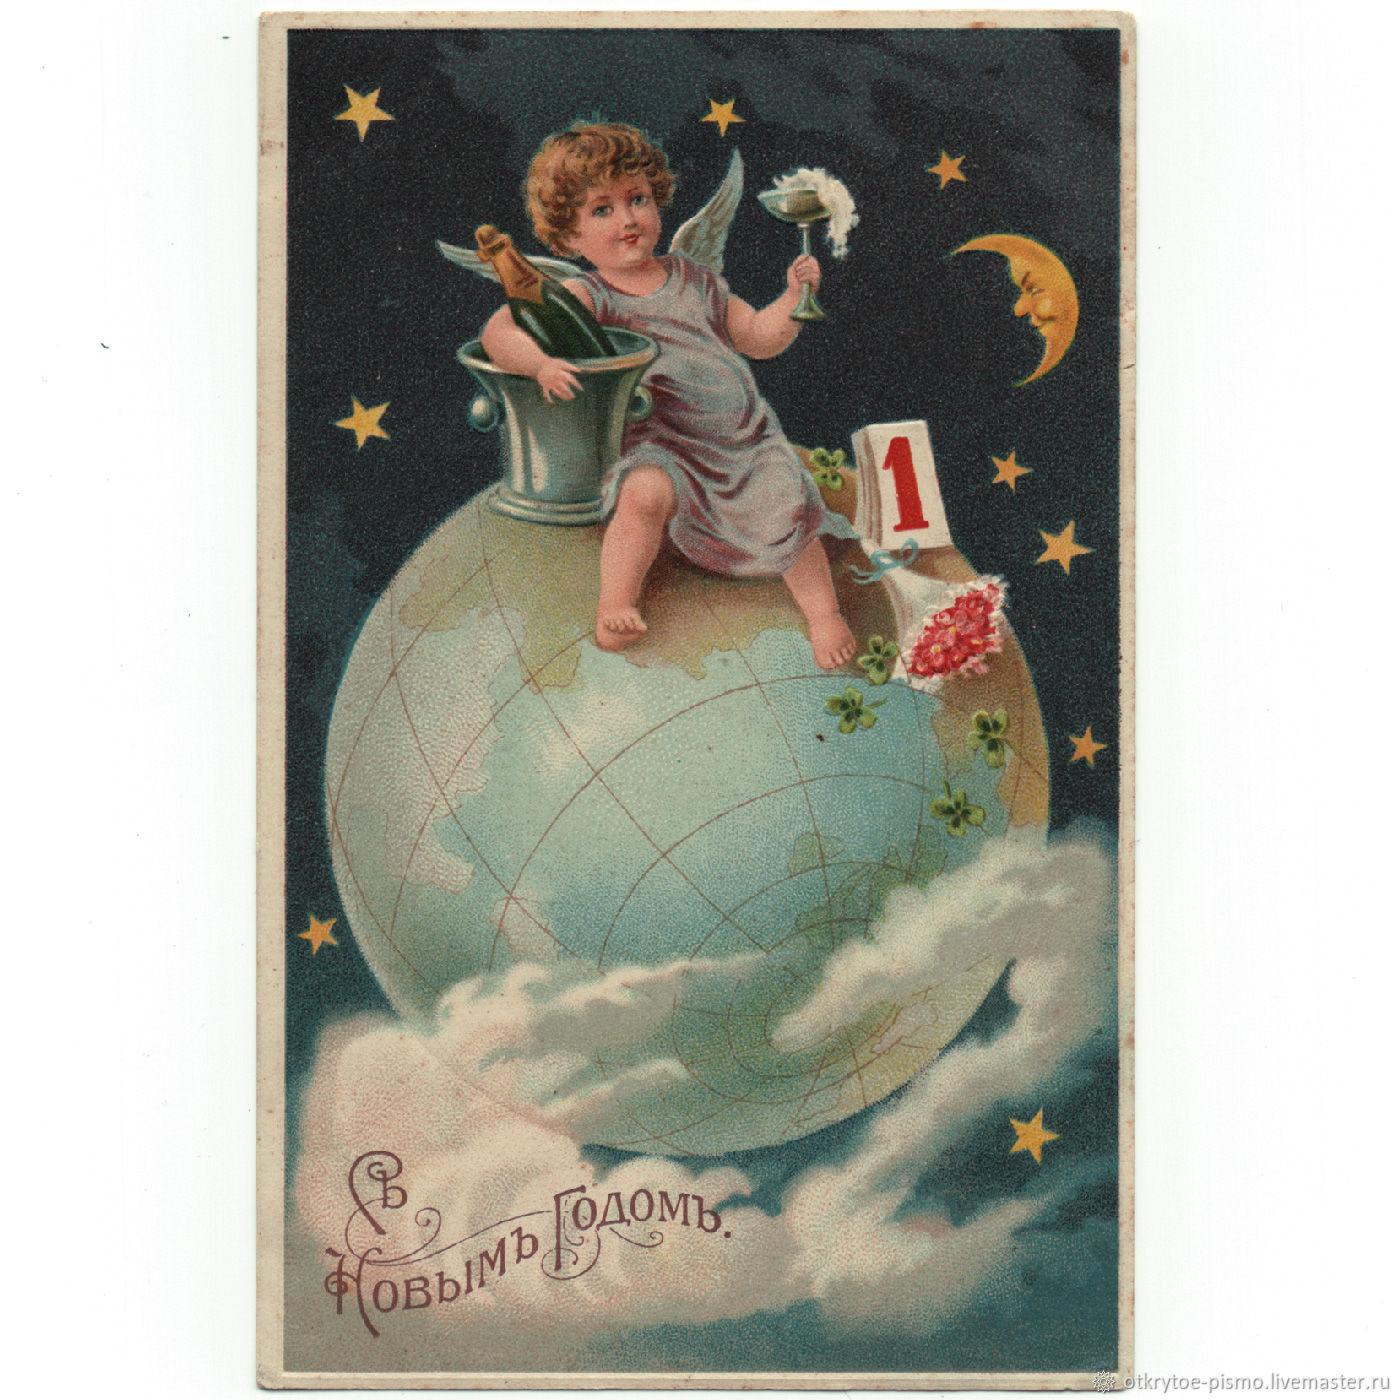 Винтаж: 19 век. Съ Новымъ Годомъ. Антикварная открытка, Открытки винтажные, Щелково,  Фото №1